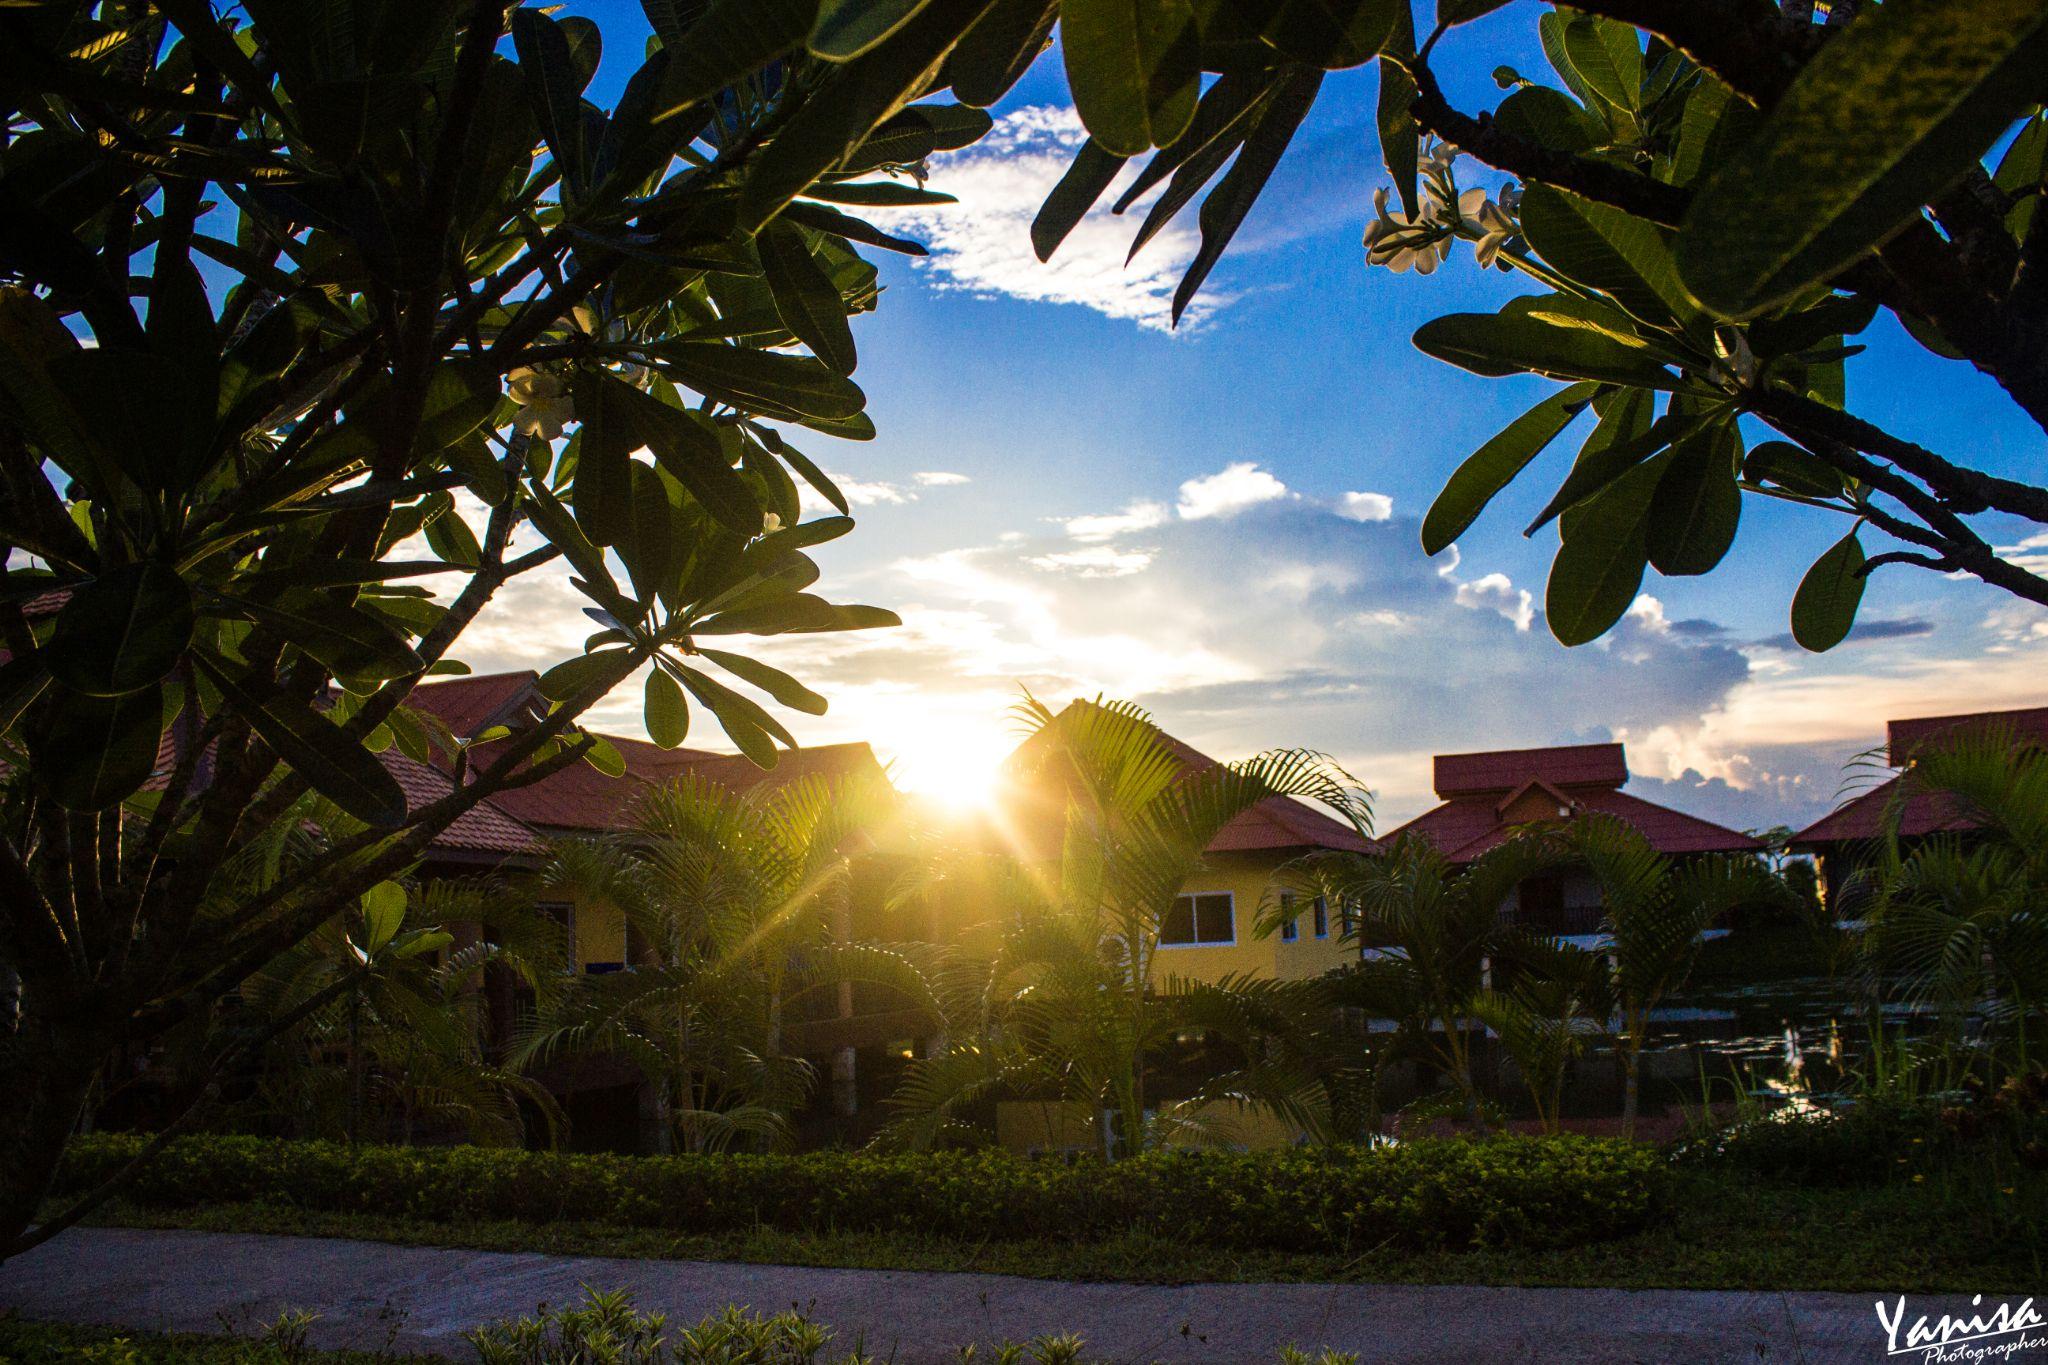 Chiang Rai Resort  by YanisaPhotographer